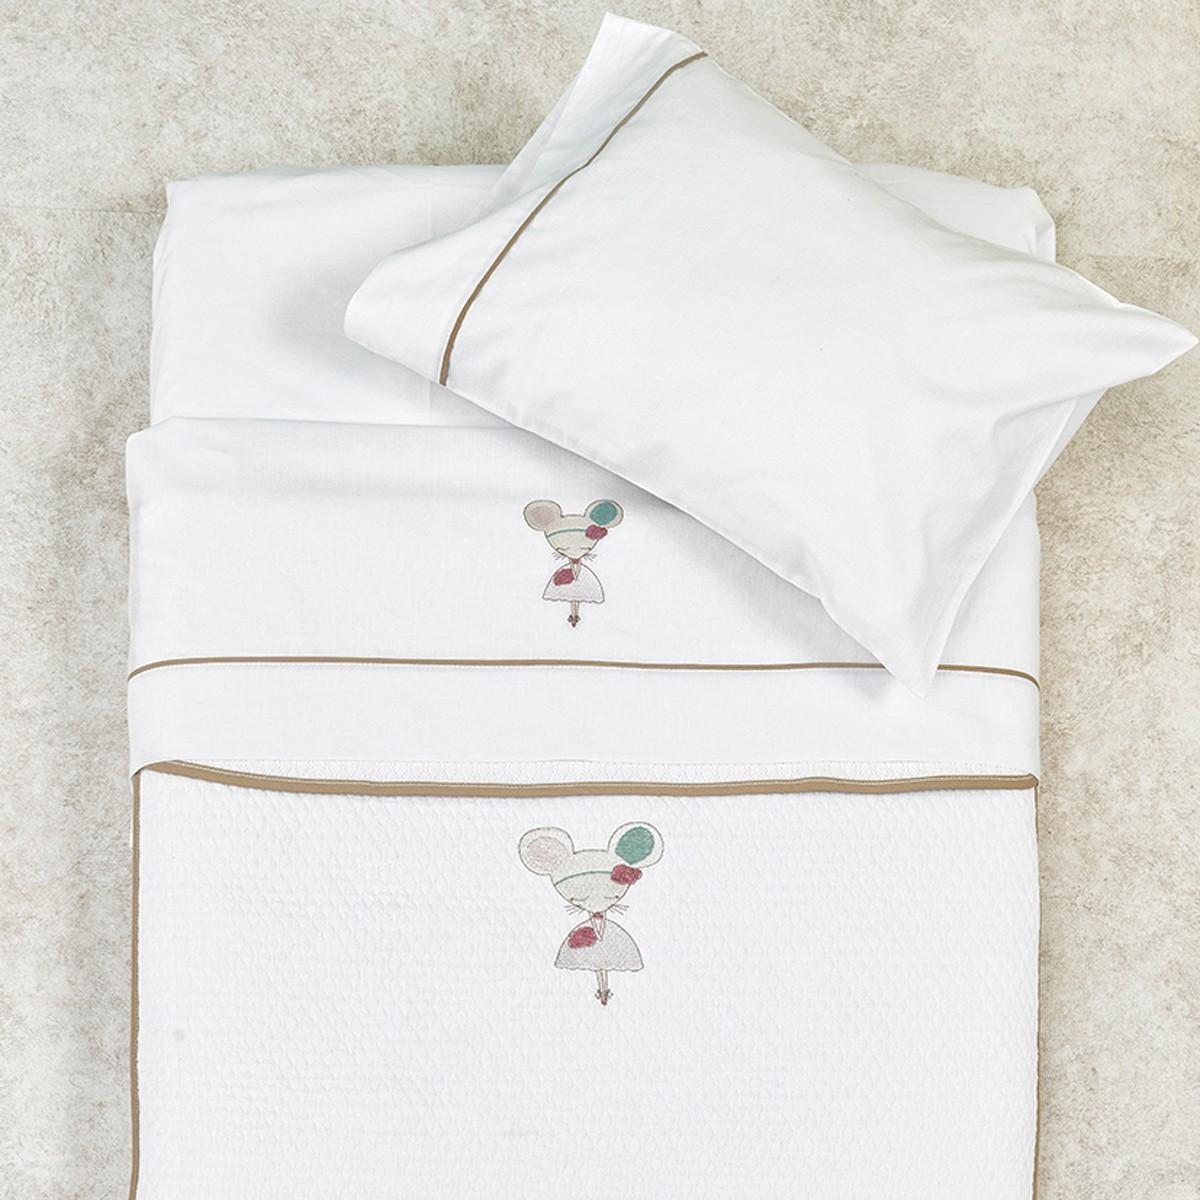 Κουβέρτα Πικέ Κούνιας Palamaiki Baby Joia 861 home   βρεφικά   κουβέρτες βρεφικές   κουβέρτες καλοκαιρινές